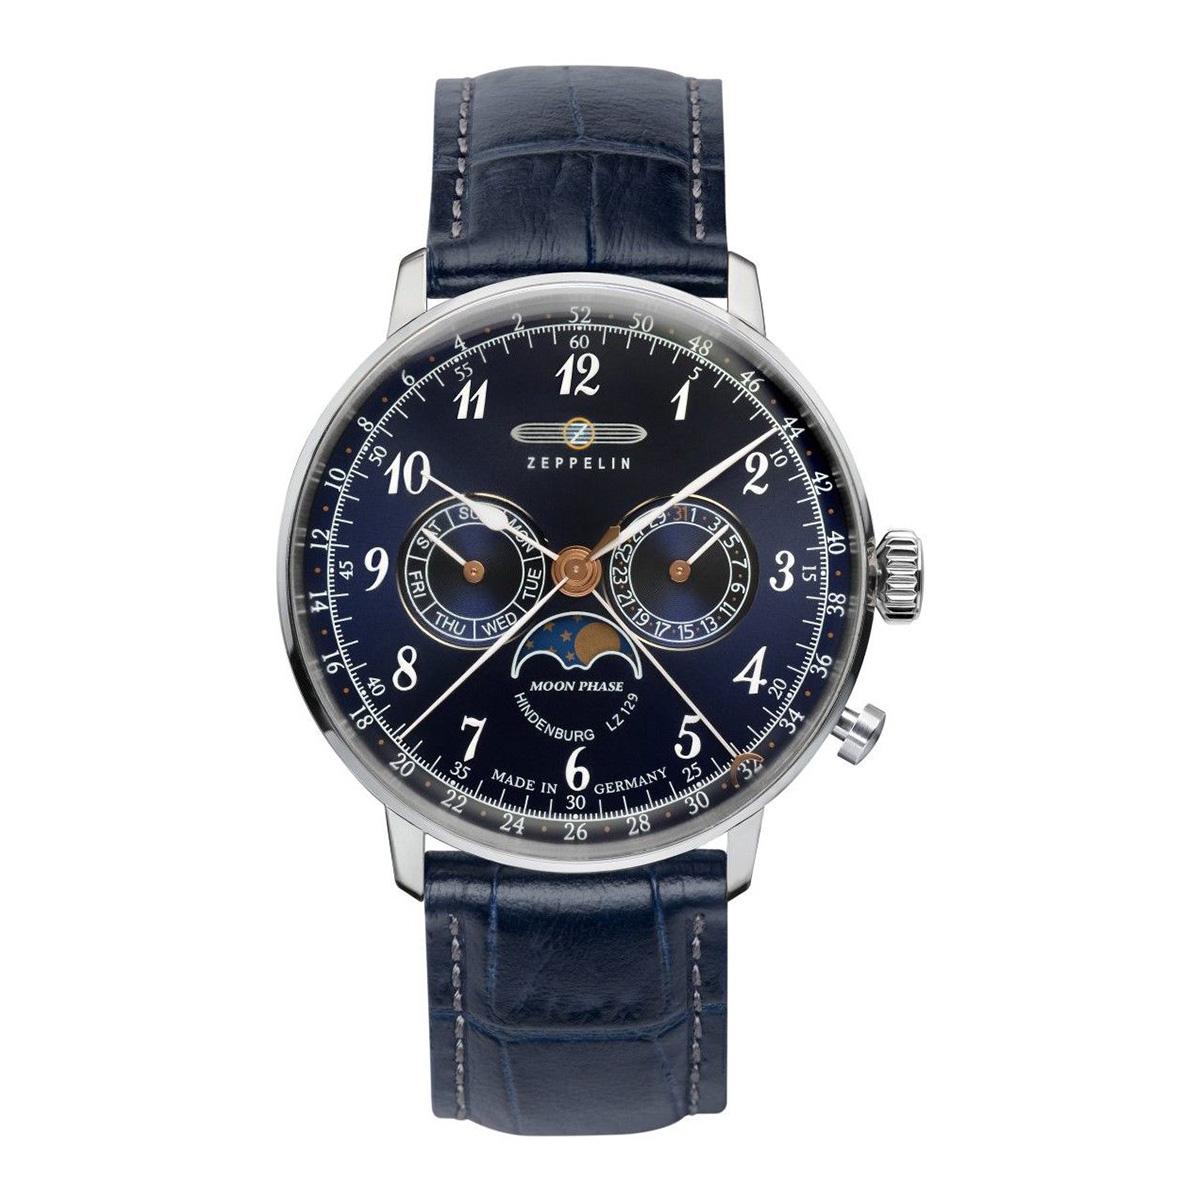 【全品送料無料】 ZEPPELIN ツェッペリン 腕時計 ヒンデンブルク ネイビー文字盤 ムーンフェイズ表示 デイデイト 7036-3 メンズ 時計 腕時計 プレゼント ギフト 贈り物[あす楽]